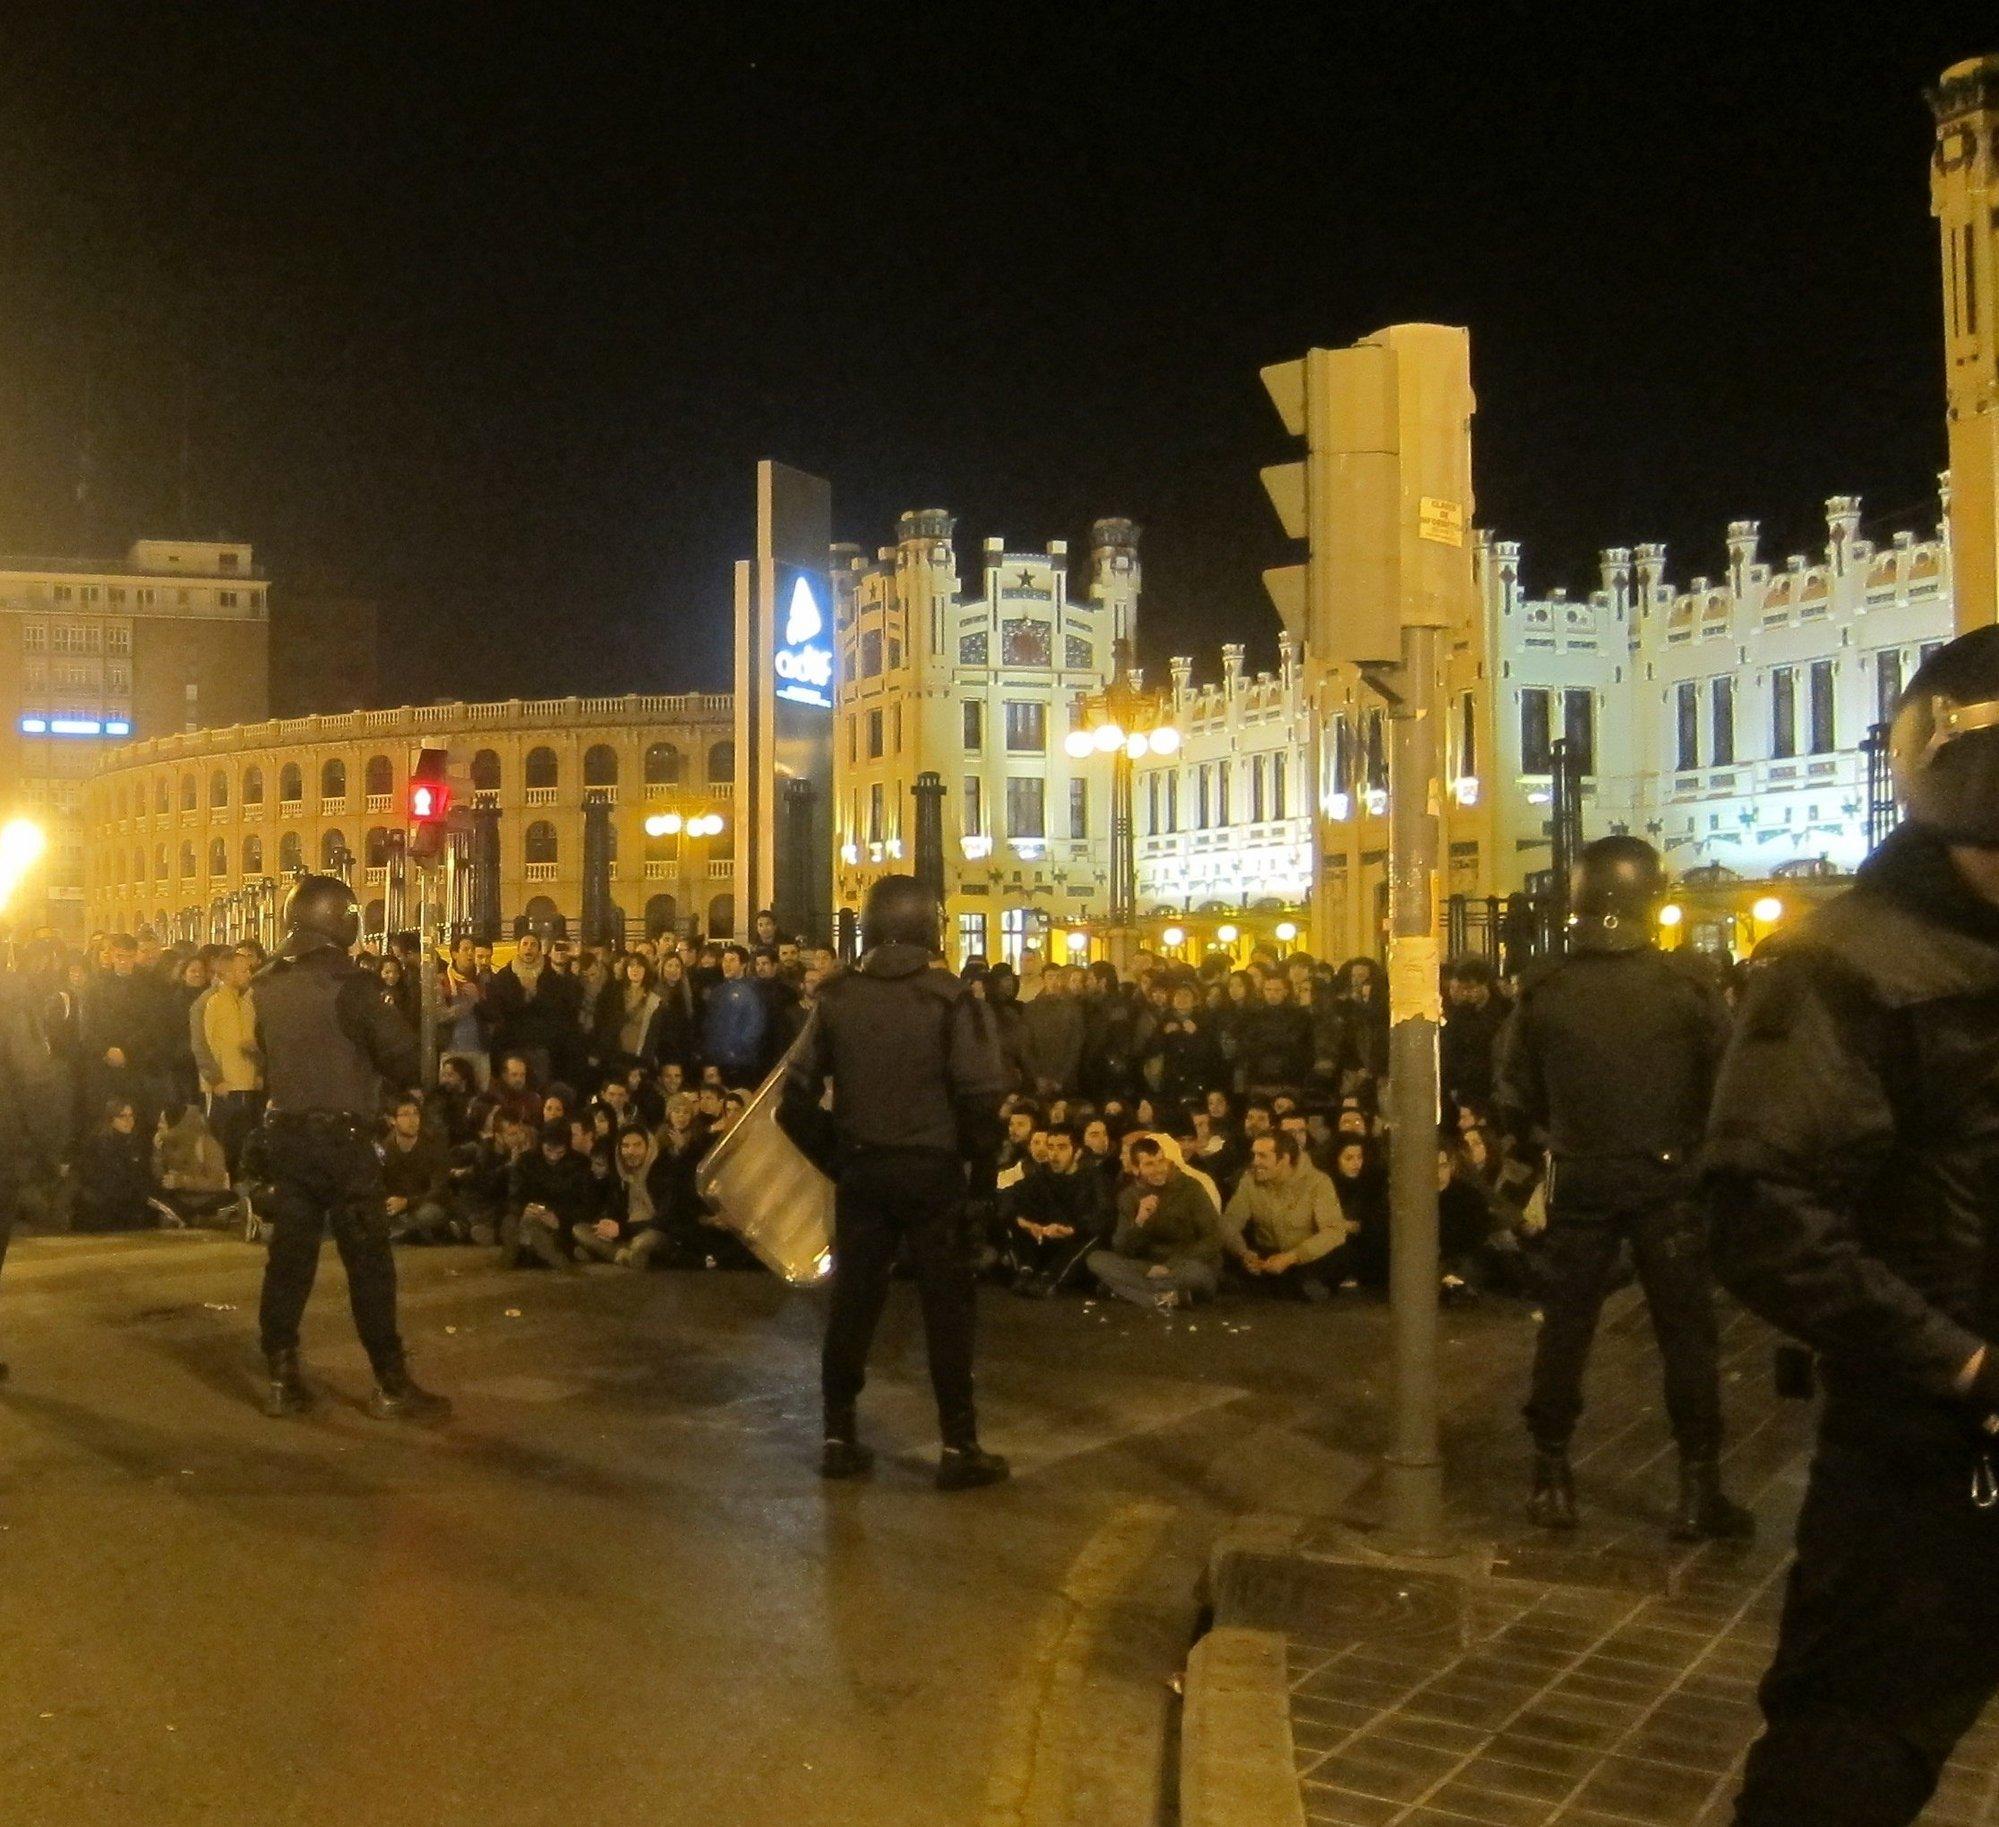 Las imágenes de las protestas dan la vuelta al mundo a través de medios internacionales y la red